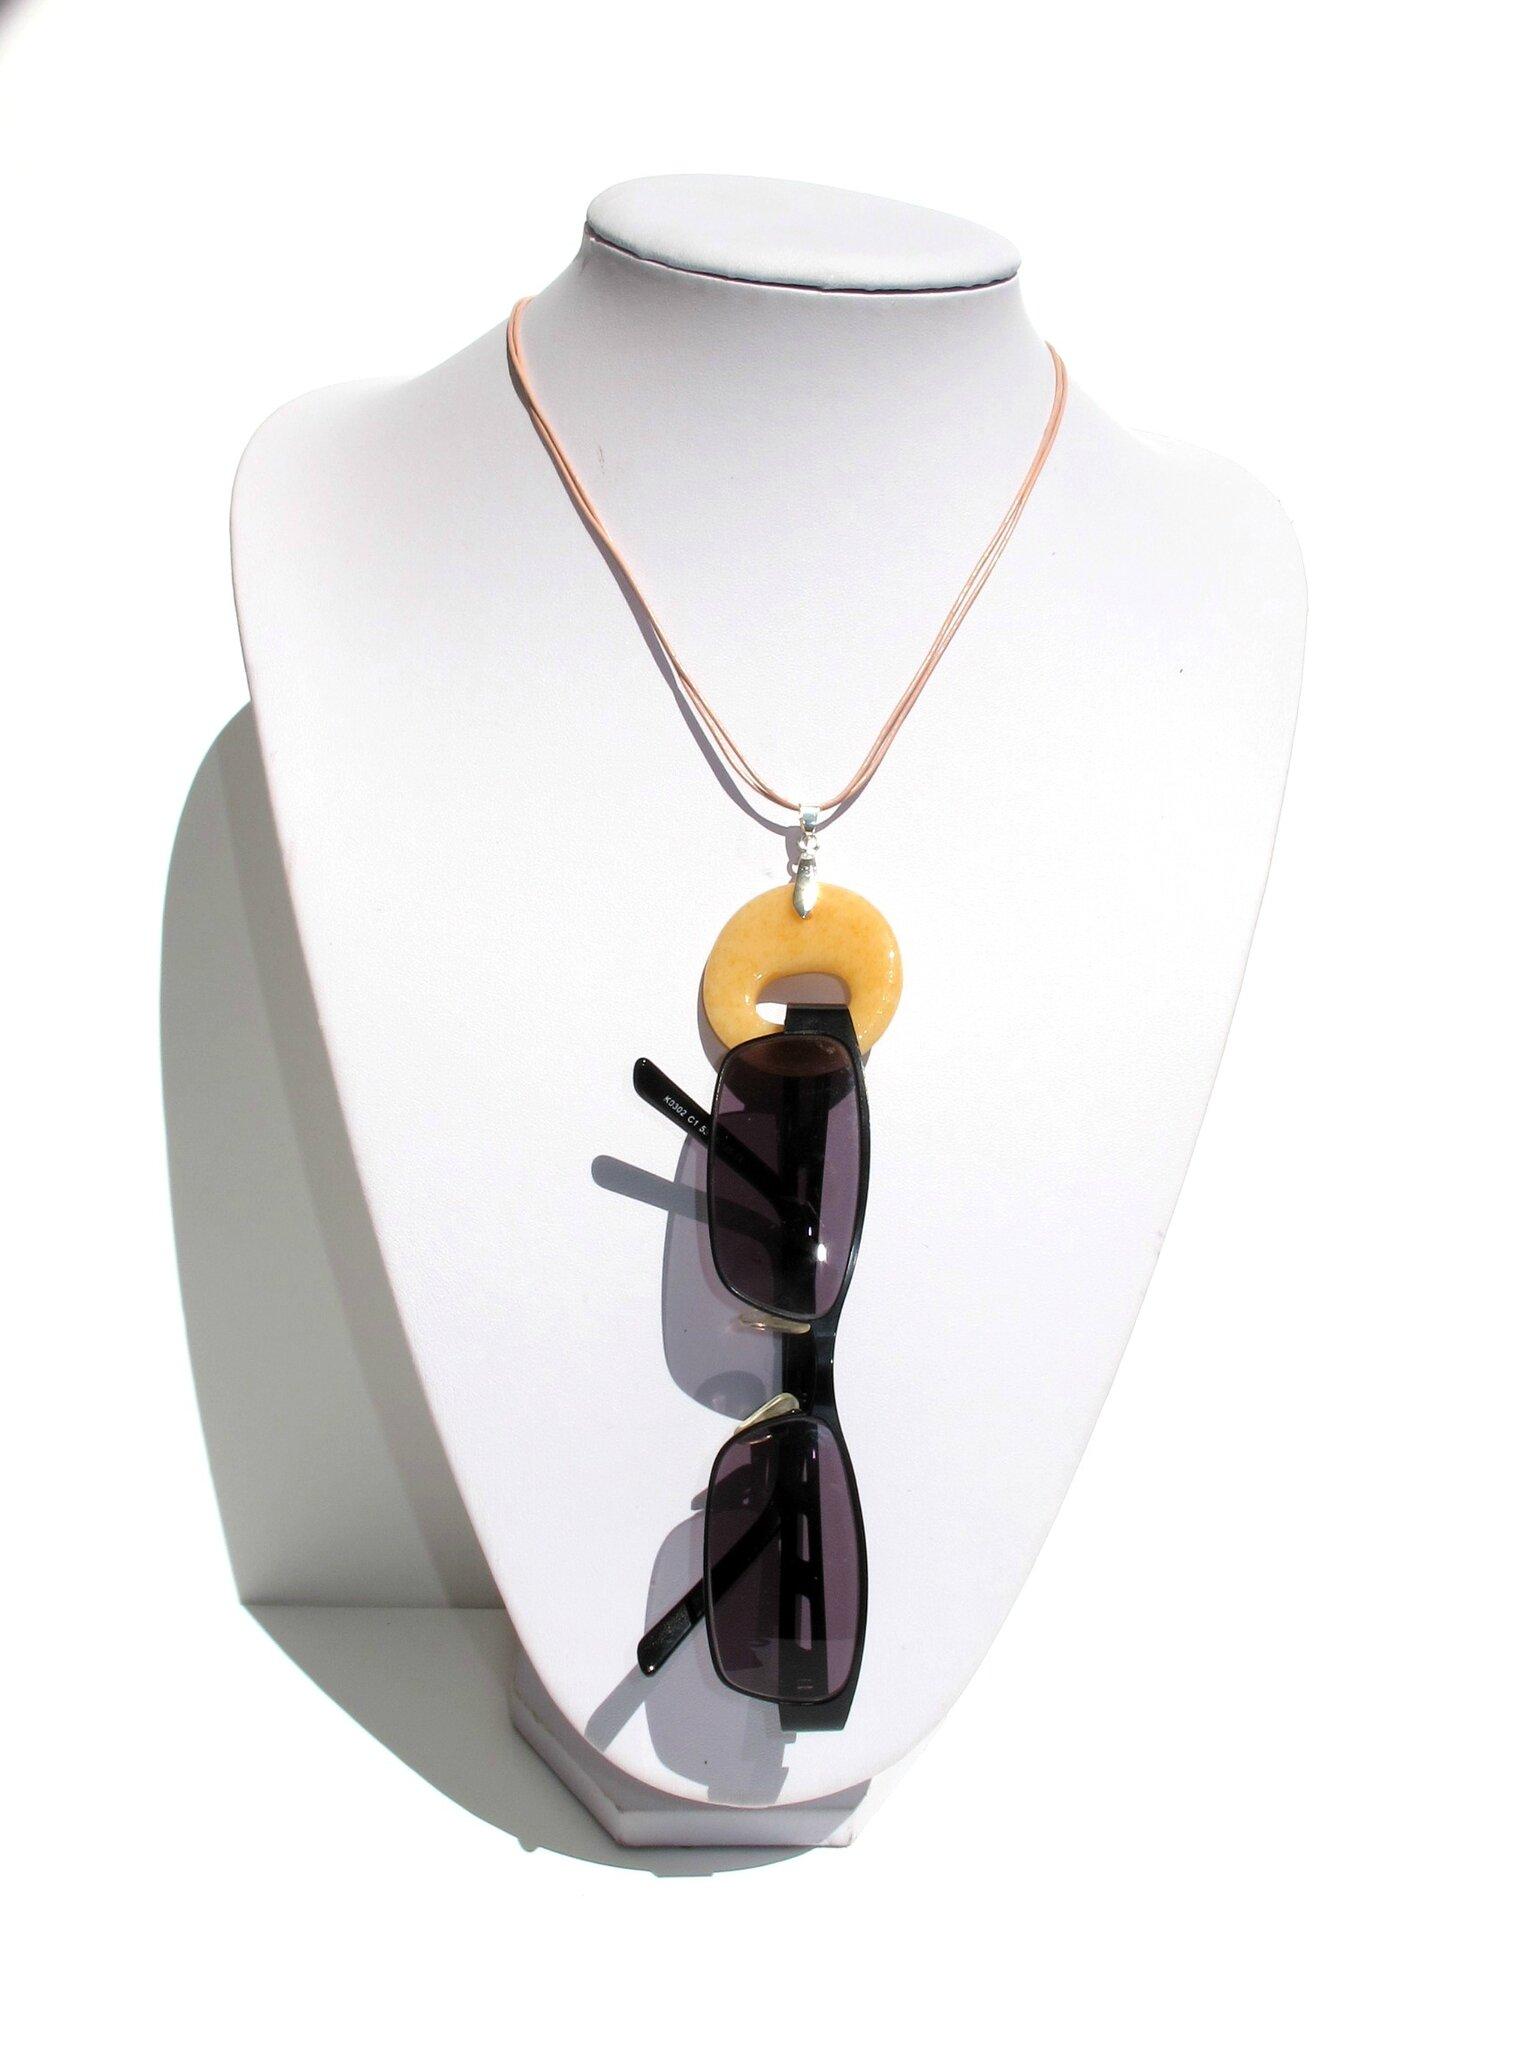 collier porte lunettes sable orange lunettes